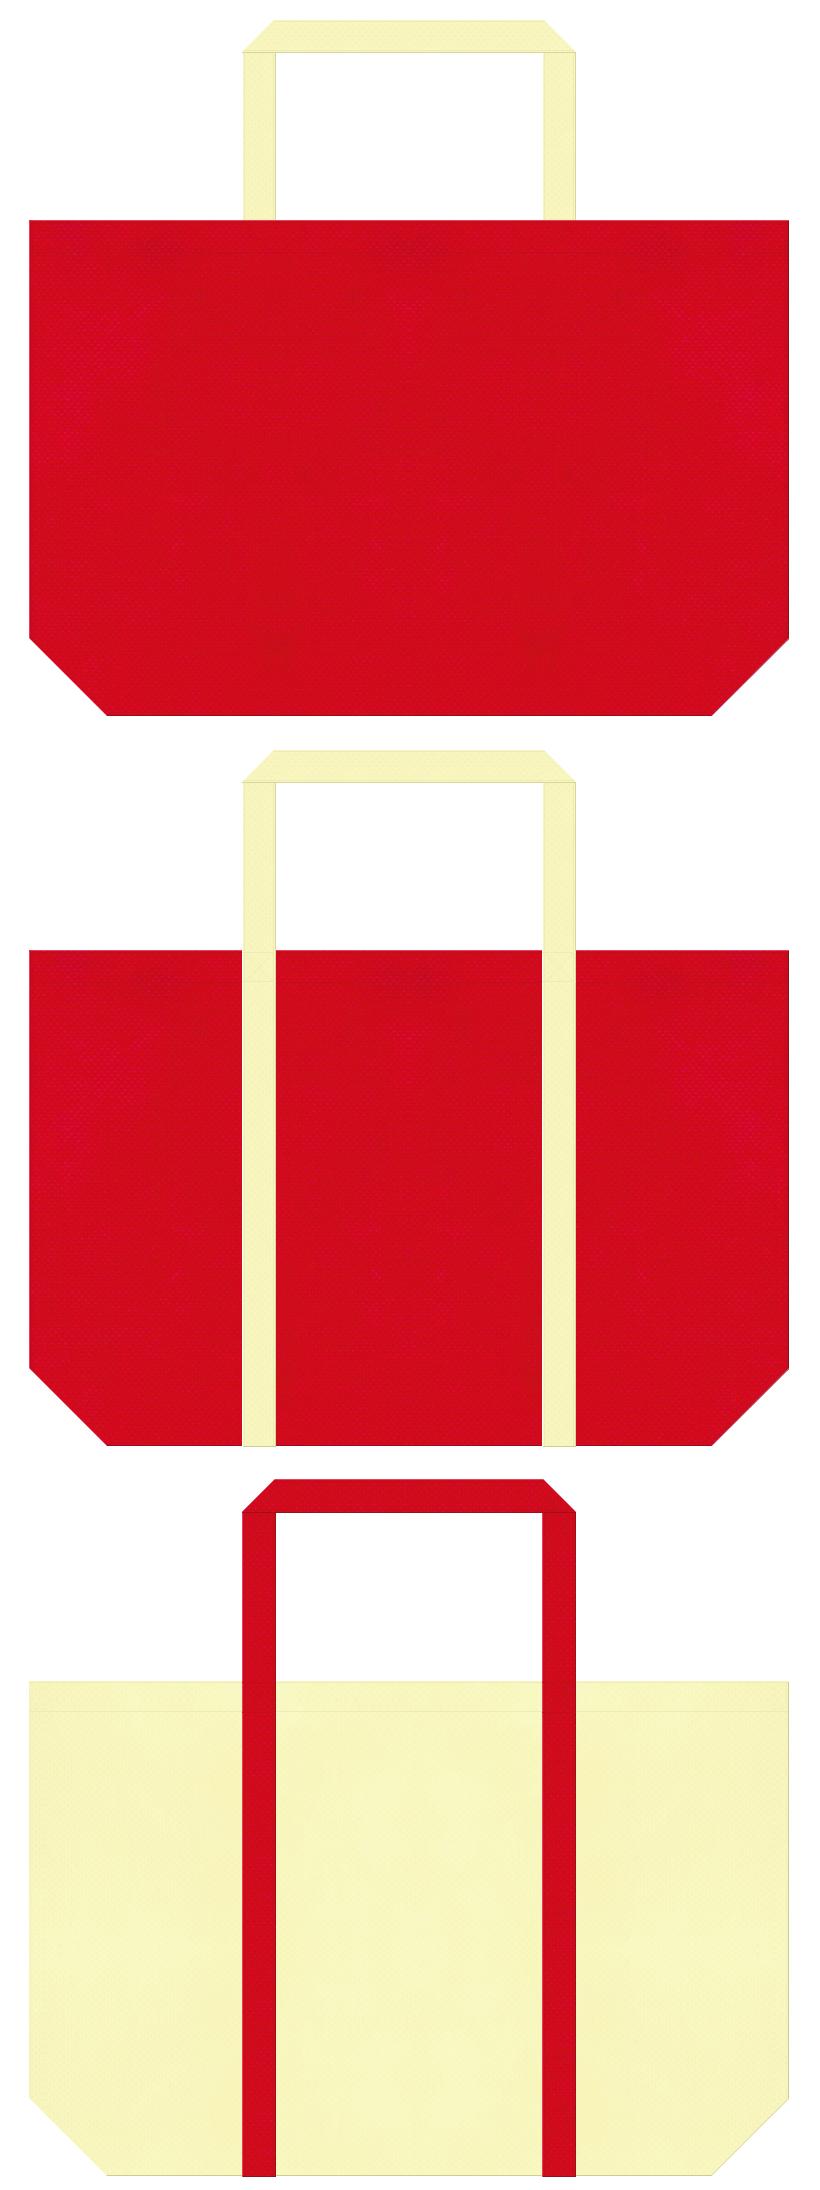 ひな祭り・和風催事にお奨めの不織布バッグデザイン:紅色と薄黄色のコーデ